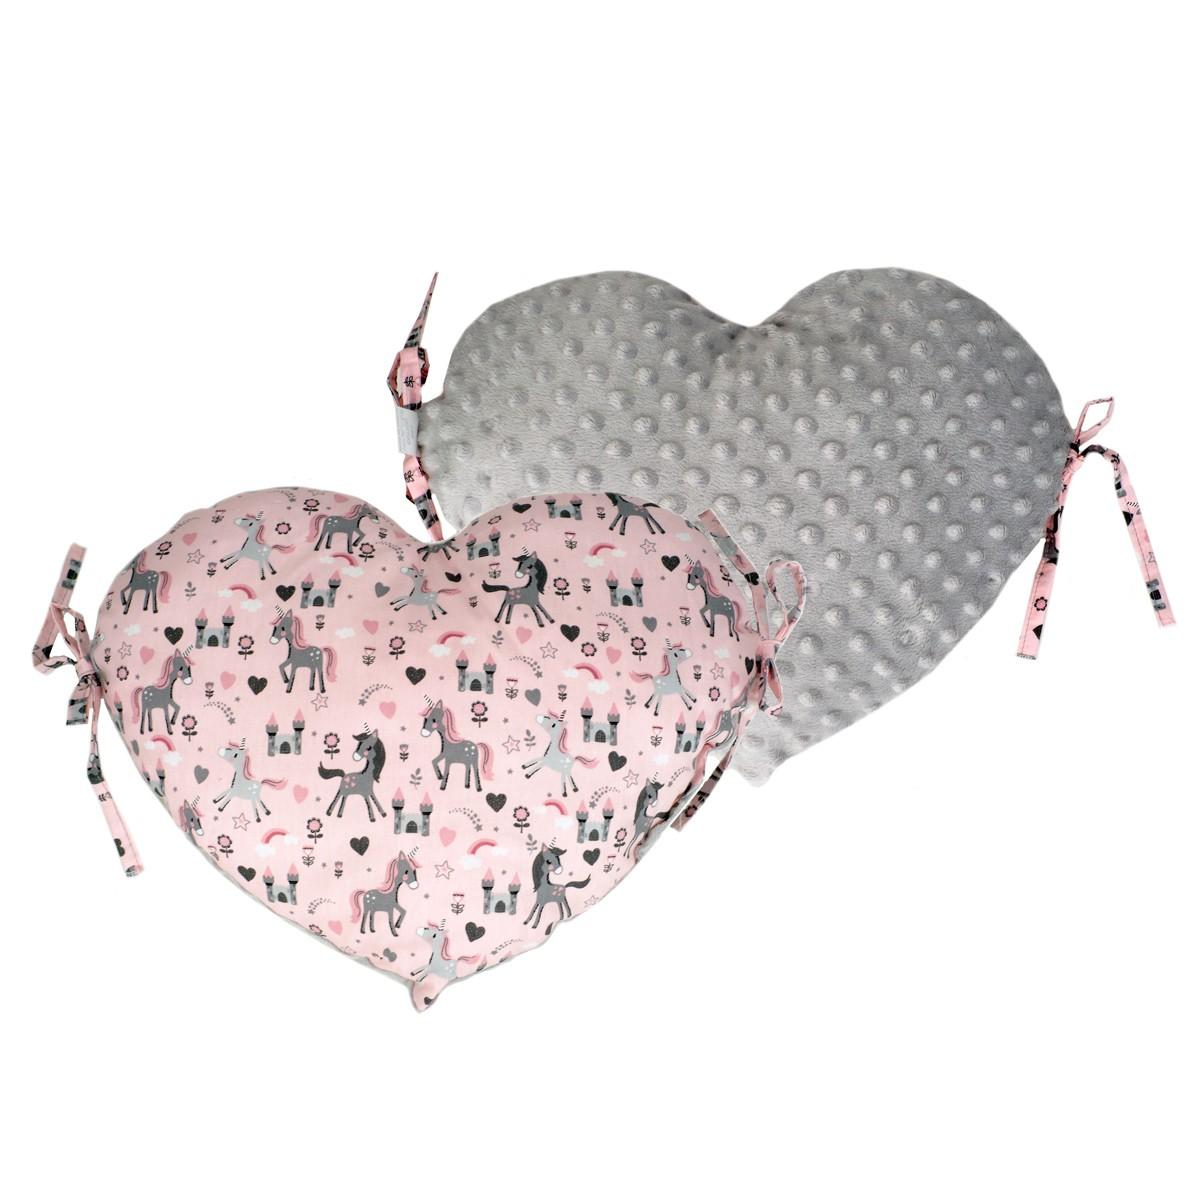 Προστατευτικό Μαξιλάρι Κούνιας Ninna Nanna Unicorn Heart home   βρεφικά   διακοσμητικά μαξιλάρια βρεφικά